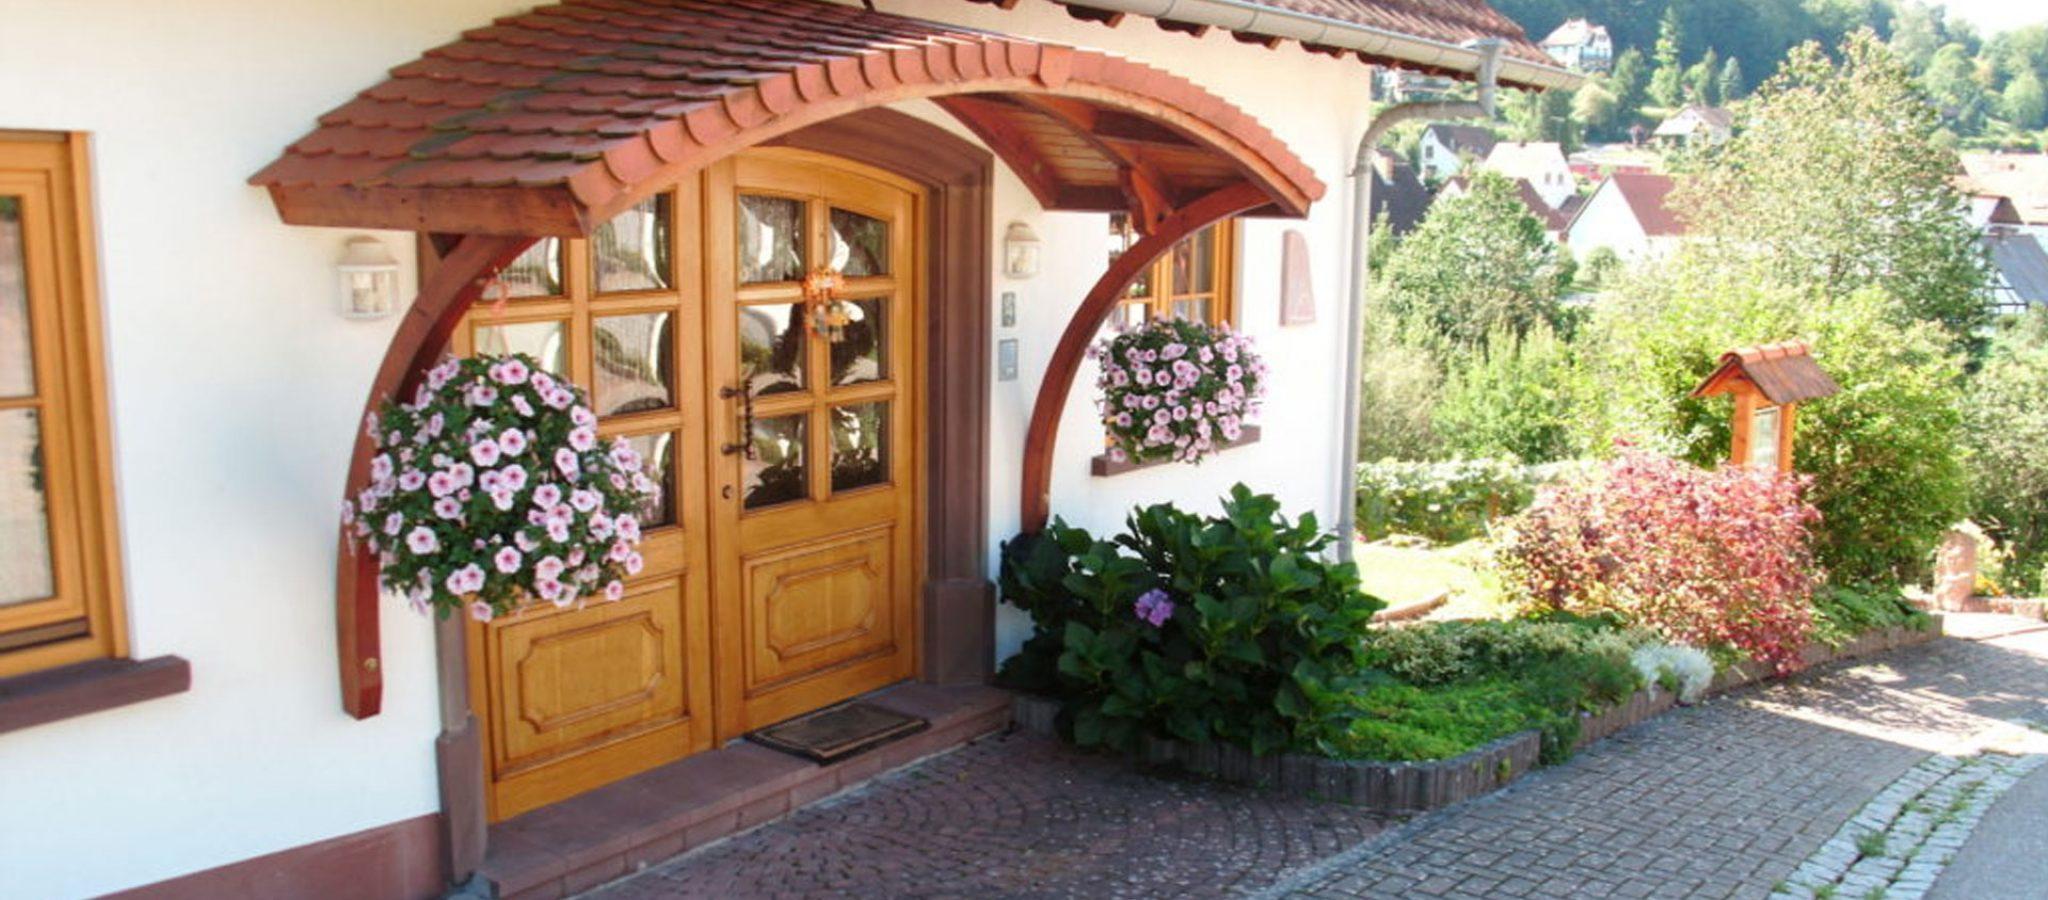 Gästehaus-Schwöbel-Frontans